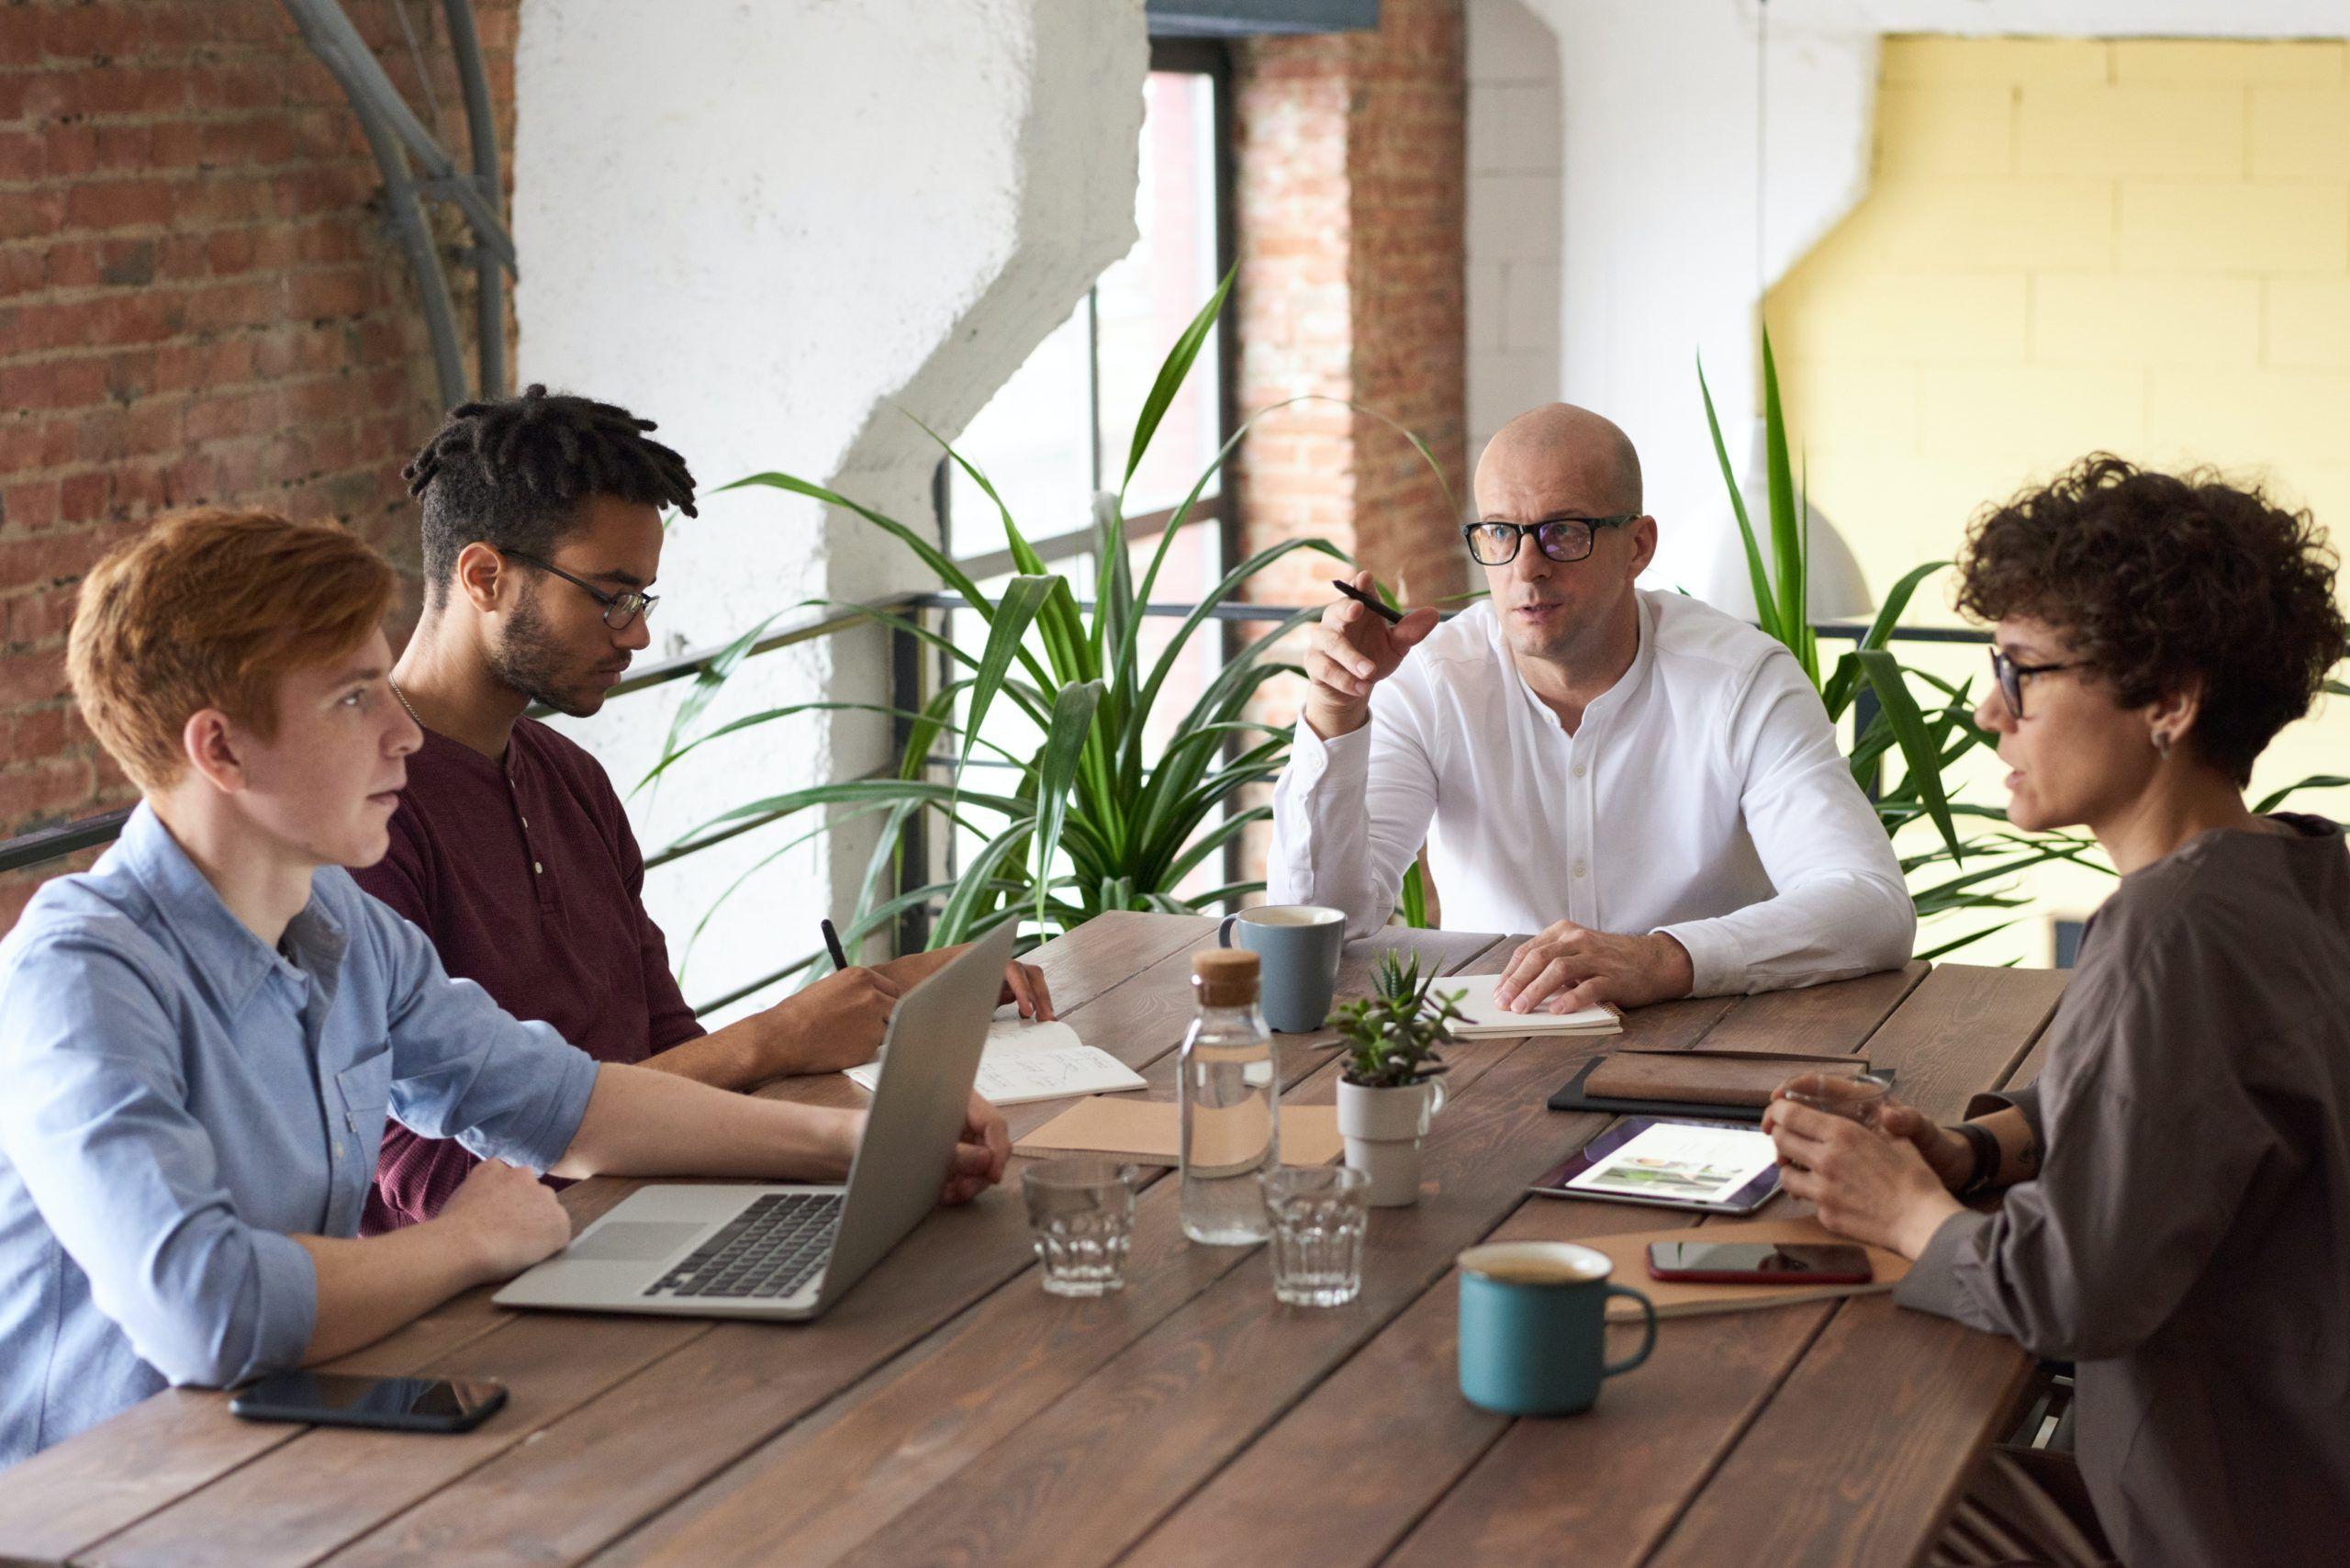 cuatro personas hablando en una oficina en un buen ambiente laboral